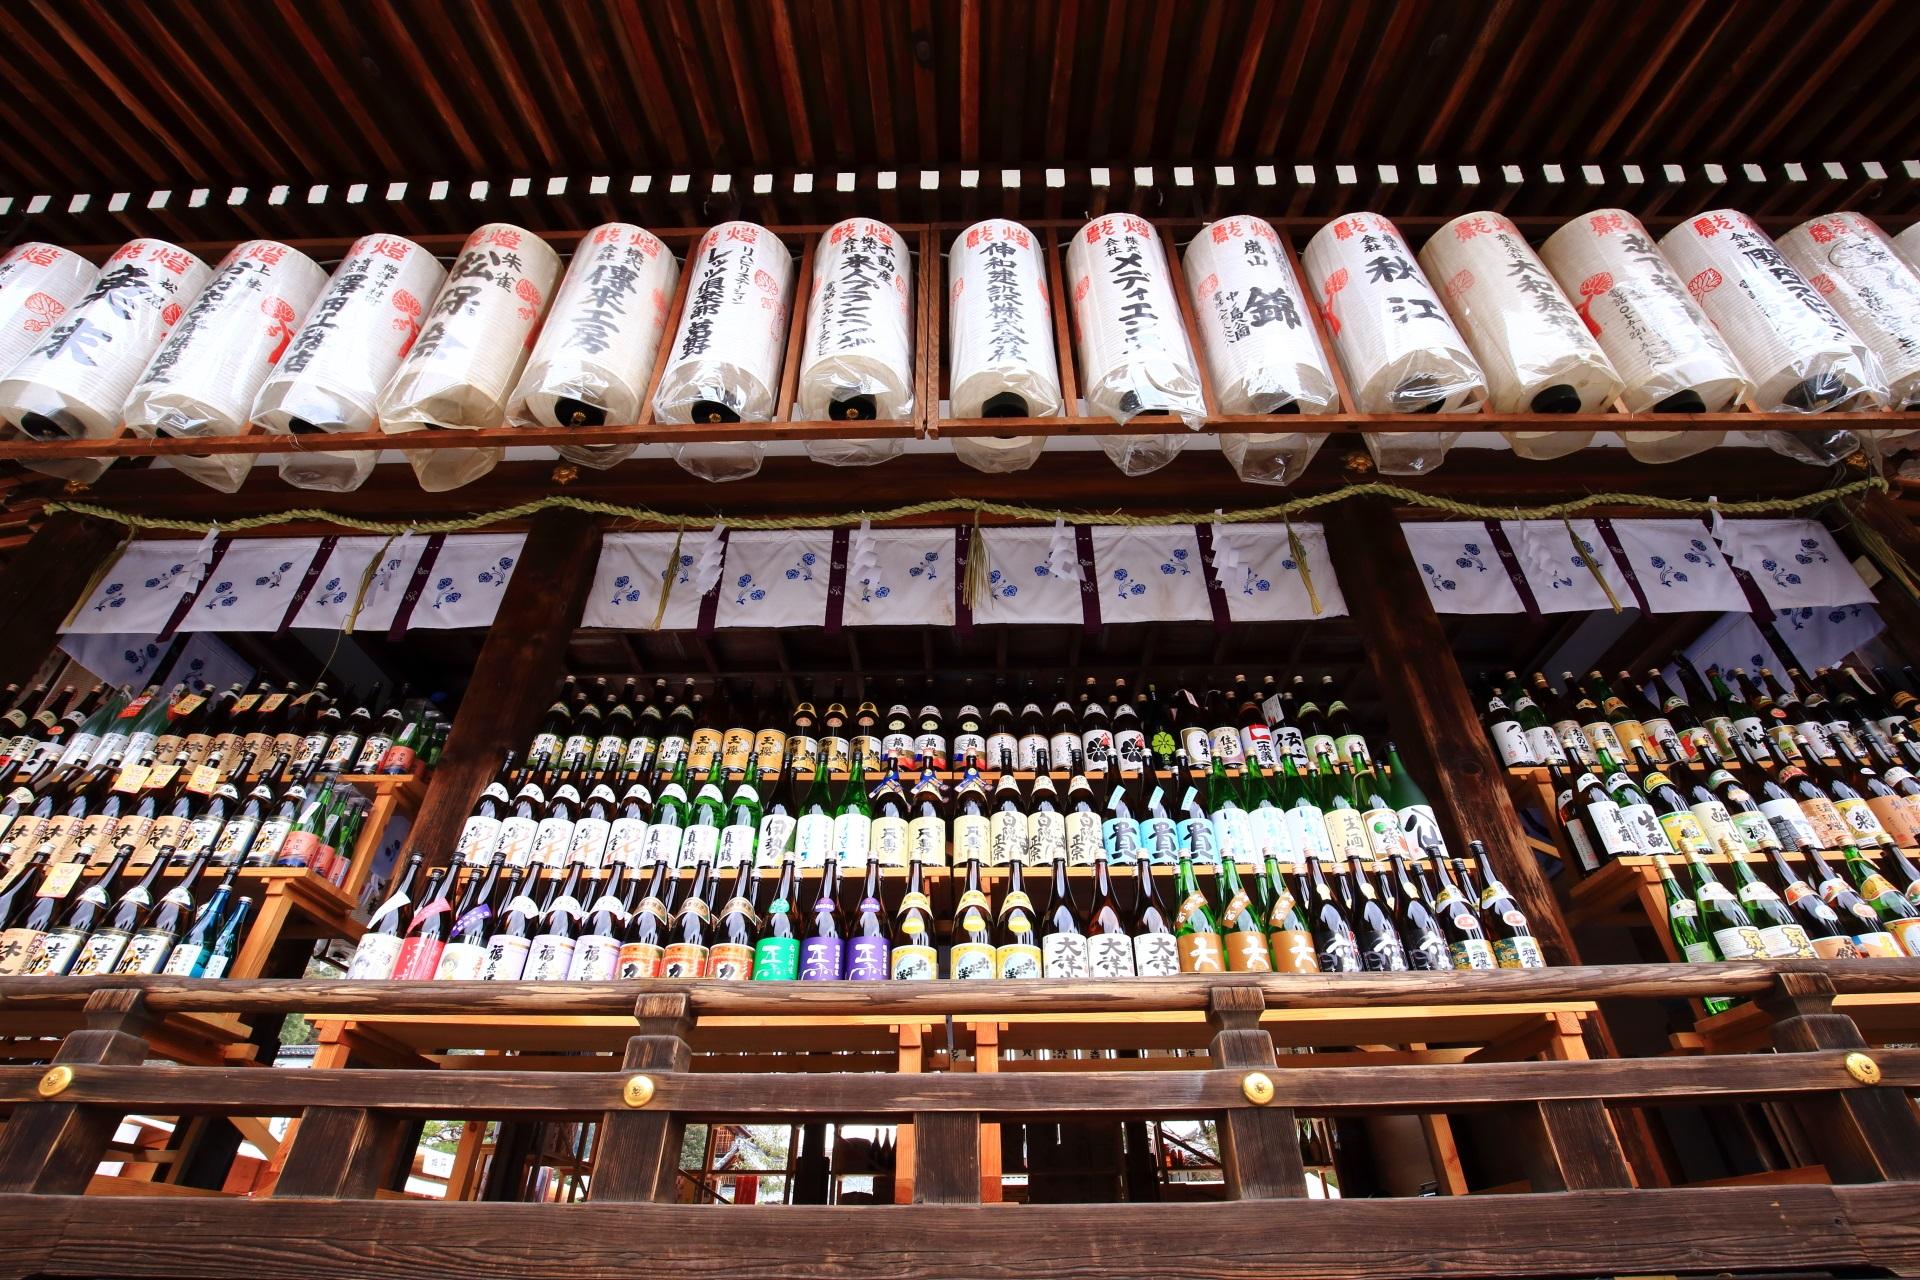 お酒の神社の松尾大社のお正月の酒瓶